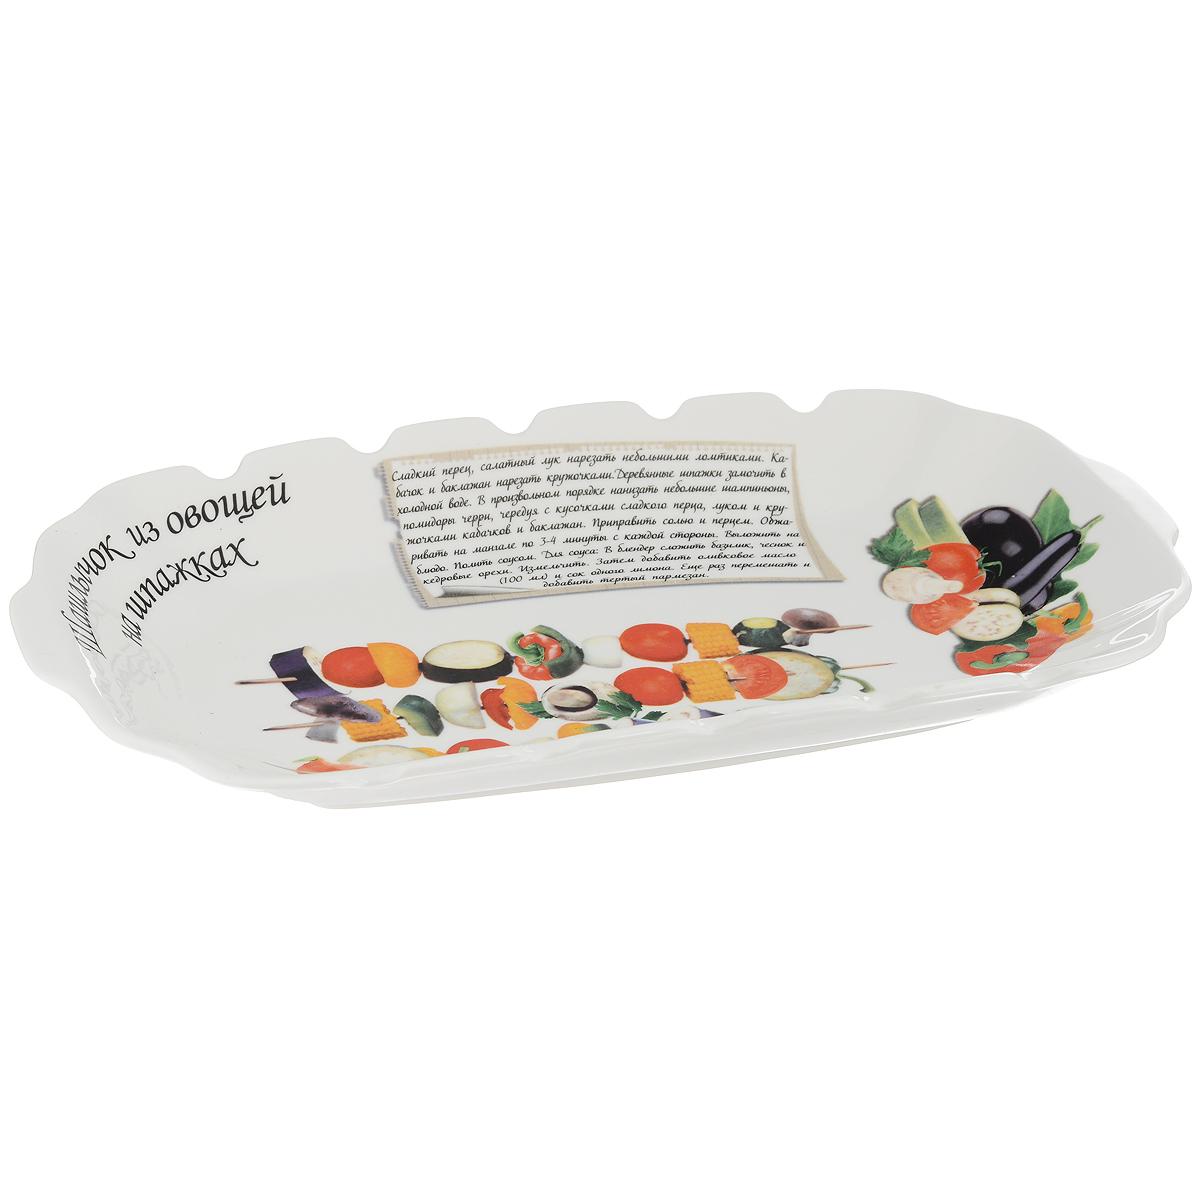 Блюдо для шашлыка LarangE Шашлычок из овощей на шпажках, 33 см х 18,5 см7001-MRБлюдо для шашлыка Шашлычок из овощей на шпажках, выполненное из высококачественного фарфора, предназначено для красивой сервировки шашлыка. Блюдо оснащено удобными ручками и специальными отверстиями для шпажек. Блюдо декорировано надписью Шашлычок из овощей на шпажках и его изображением. Кроме того, для упрощения процесса приготовления прямо на блюде написан рецепт и нарисованы необходимые продукты. В комплект к блюду прилагается небольшой буклет с рецептами горячих блюд.Блюдо Шашлычок из овощей на шпажках украсит ваш праздничный стол, а оригинальное исполнение понравится любой хозяйке.